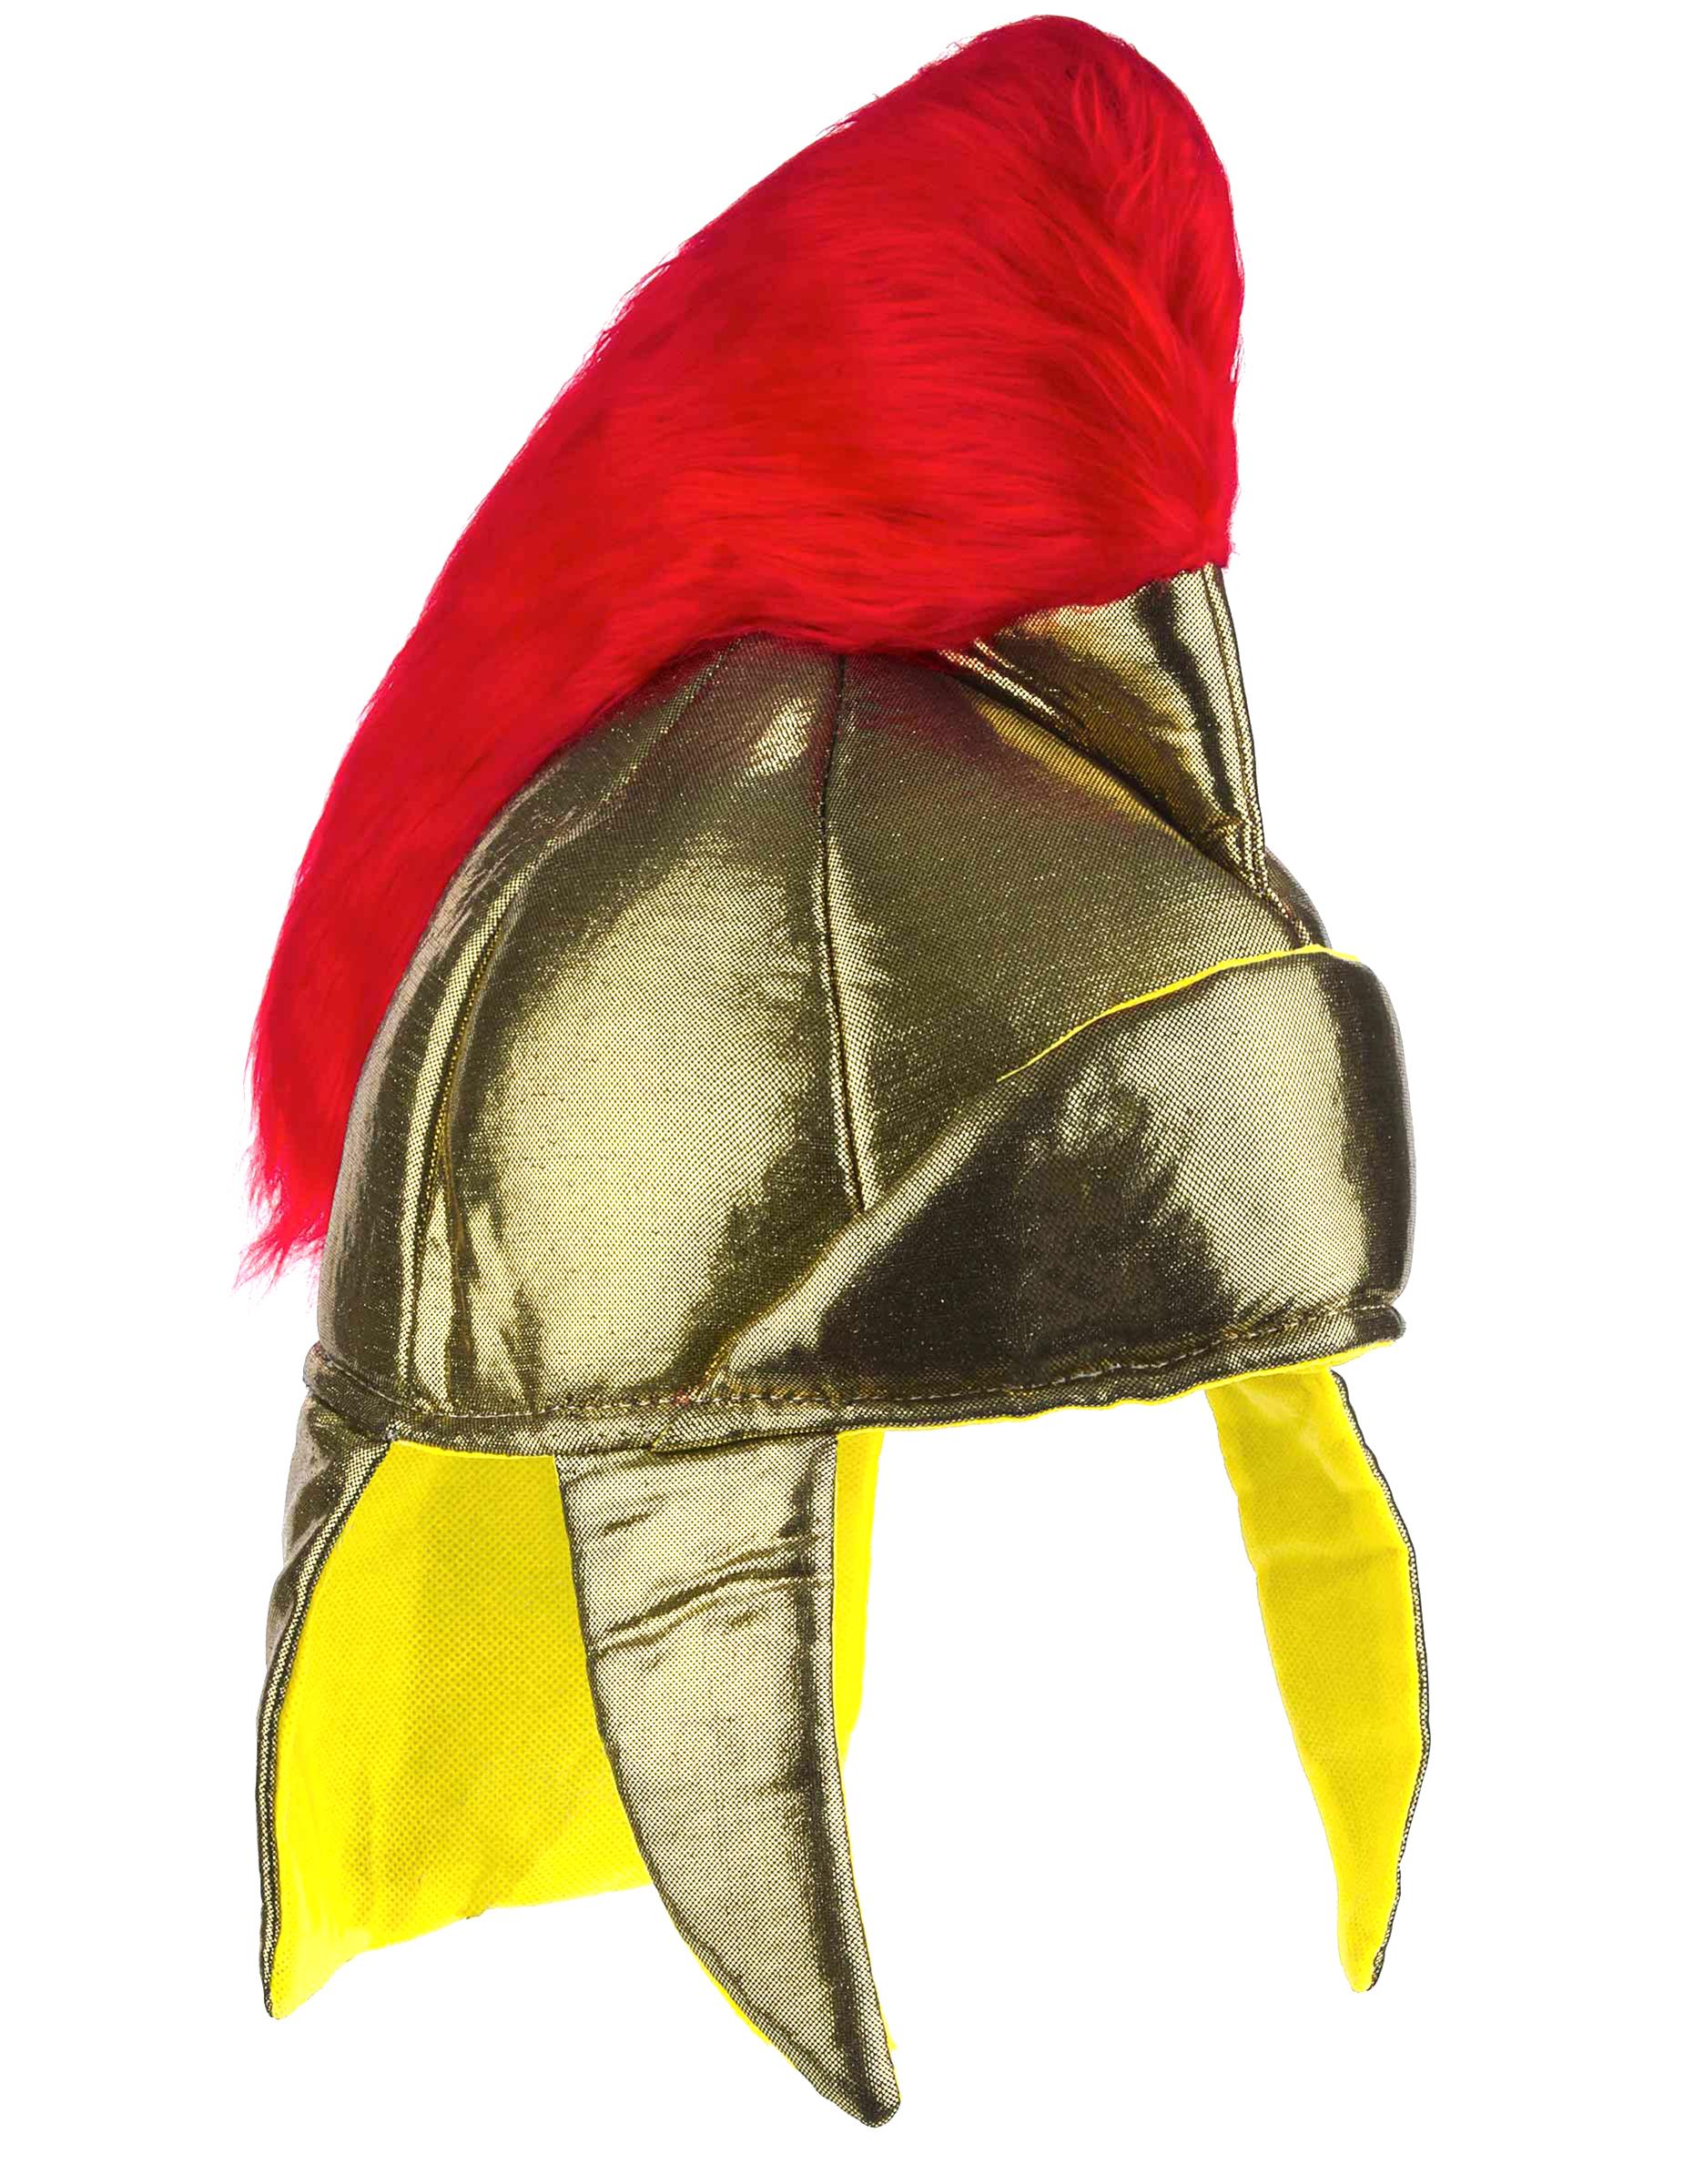 Obelix CAPPELLO Lattice Carnevale Gallo CARNEVALE romani CASCO Obelix CASCO gallo elmetto